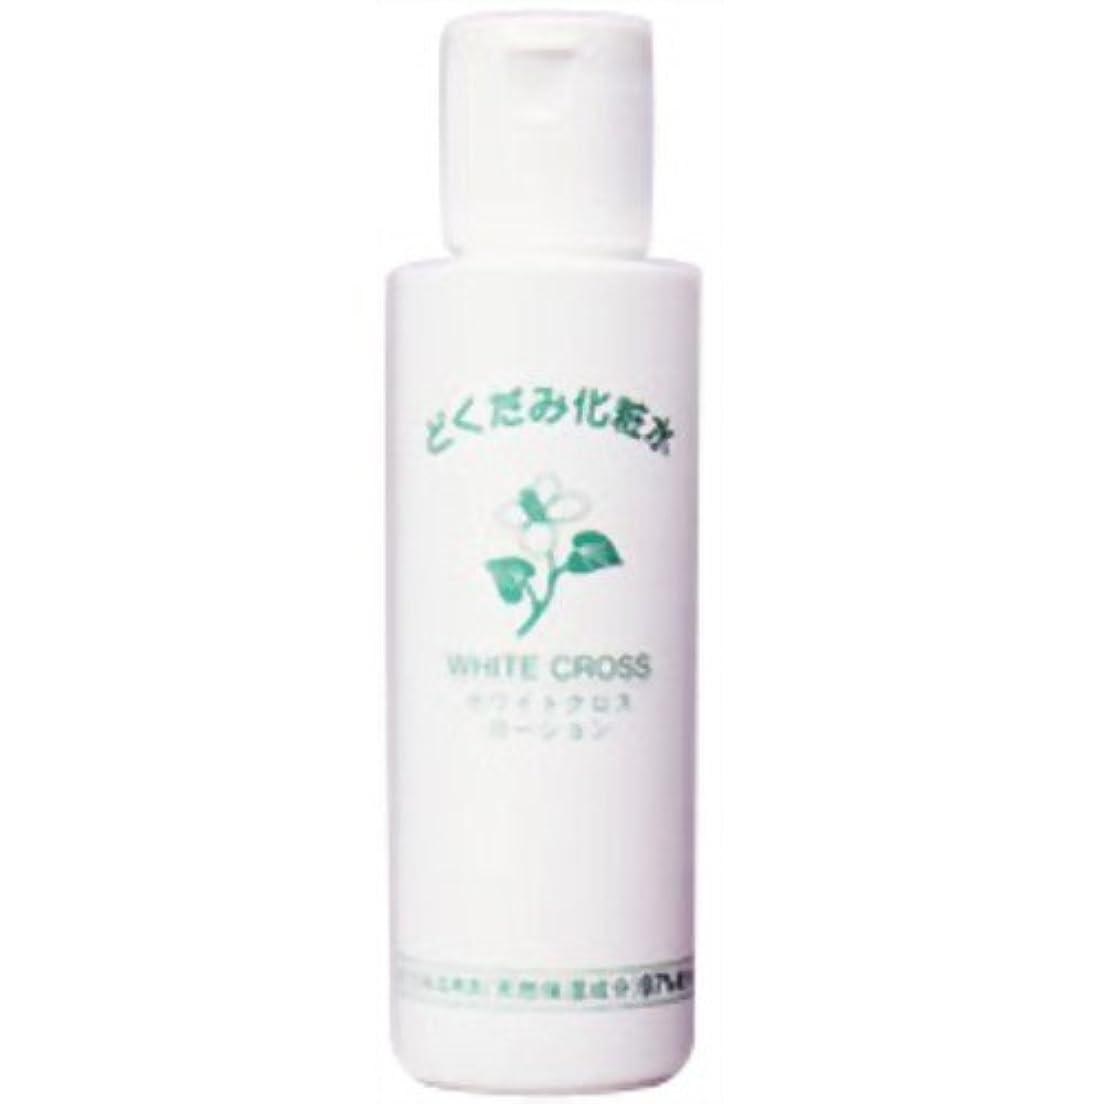 摂氏取り扱い鉛どくだみ化粧水 ホワイトクロス ローション 150ml